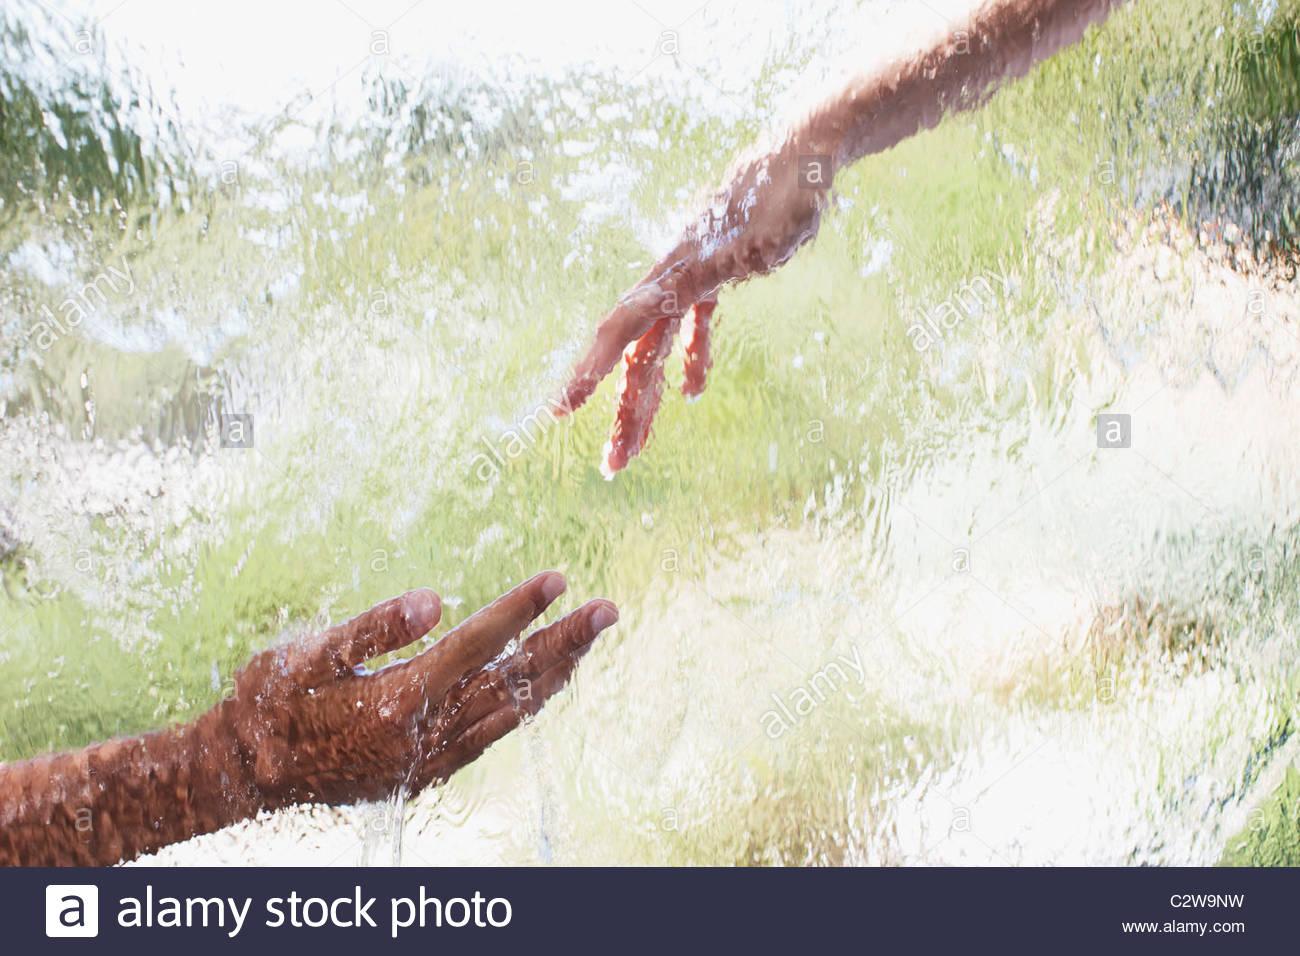 Deux mains tendues derrière une vitre Photo Stock